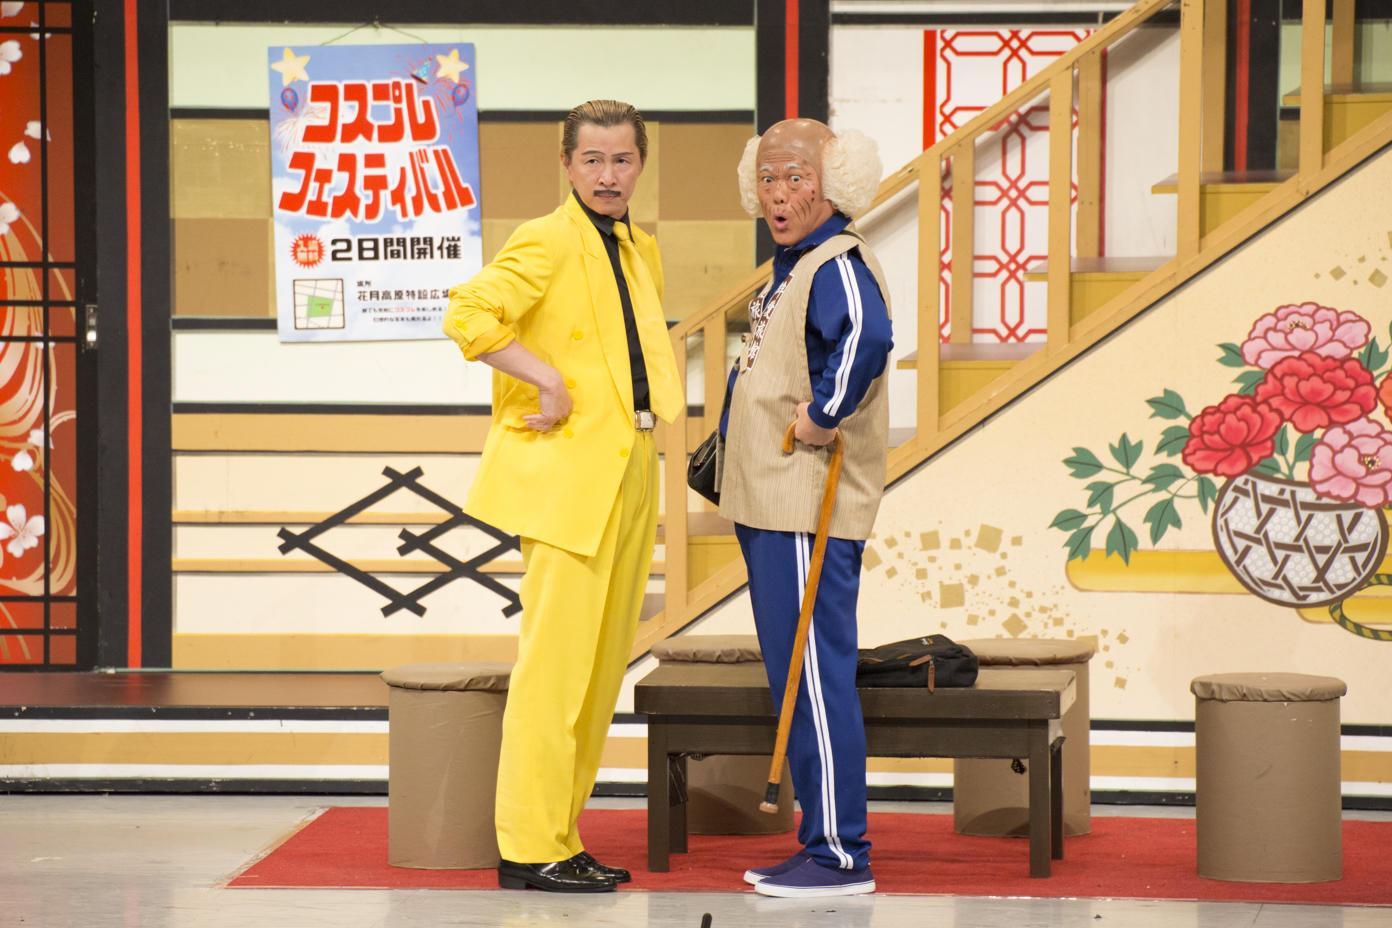 http://news.yoshimoto.co.jp/20170807150750-5f913351c73ab8d73d118bb8e79c456f7185c82d.jpg